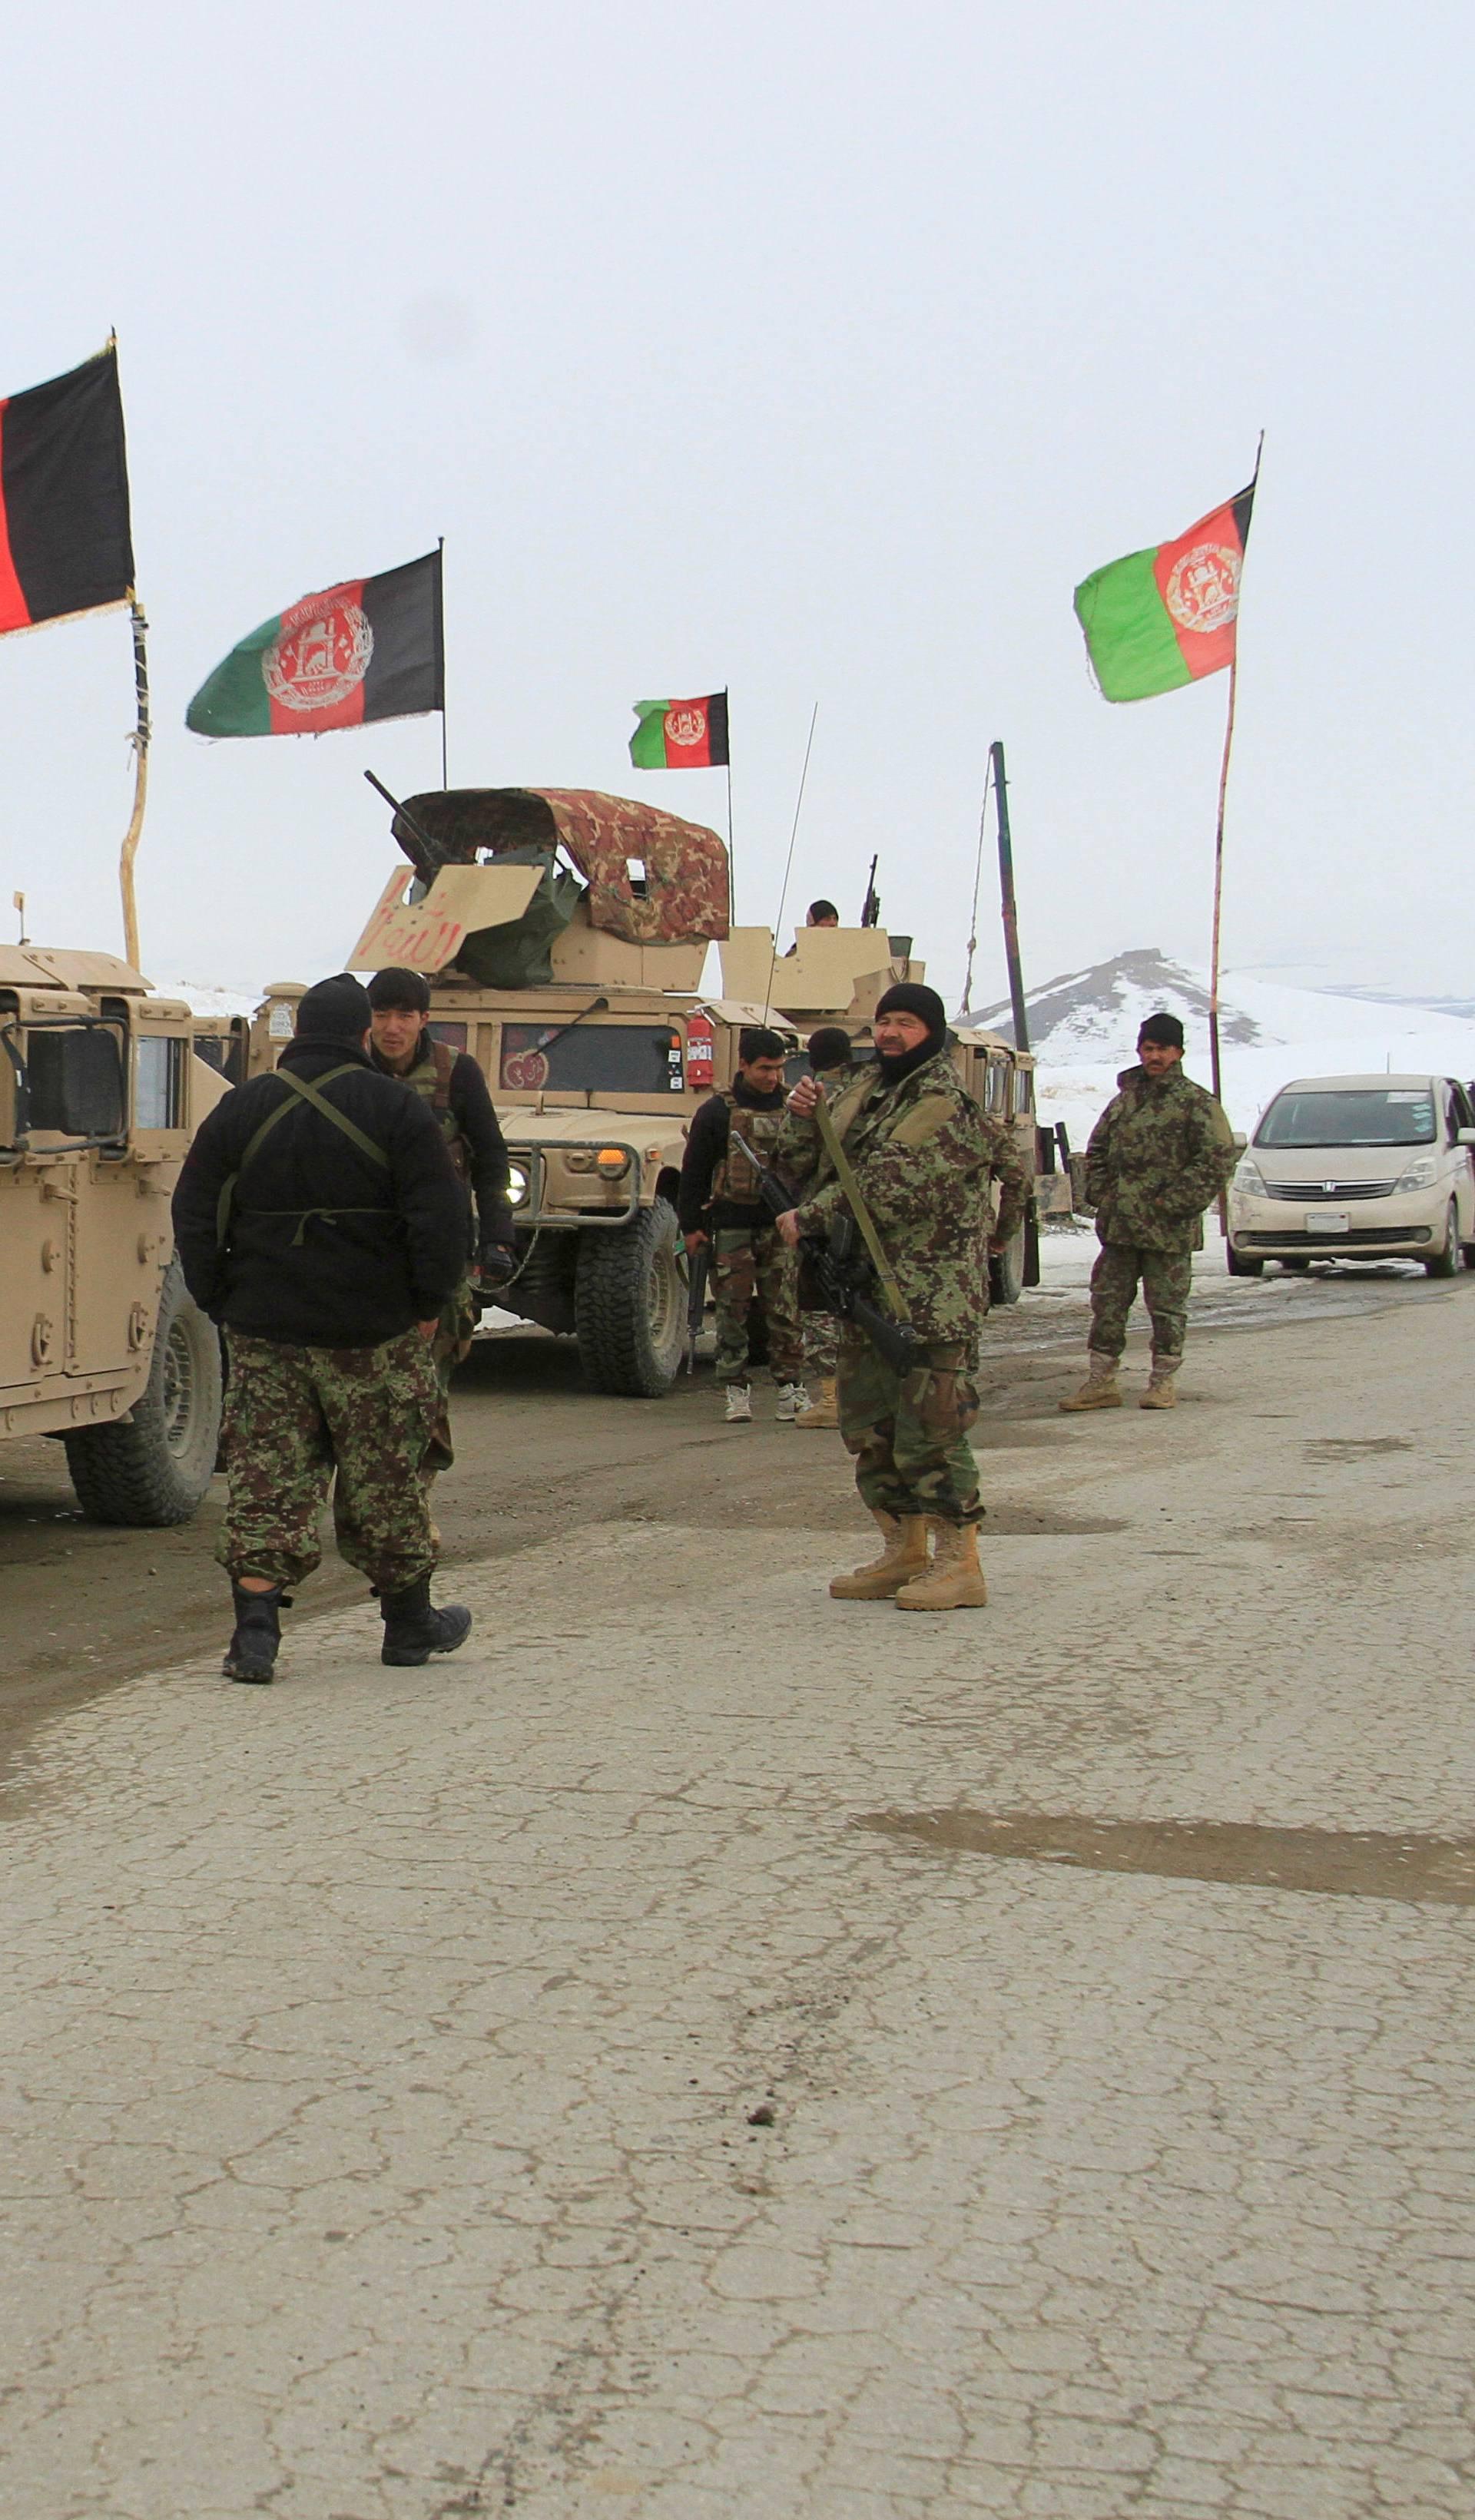 Ponudili su primirje za vrijeme ramazana no, talibani ih odbili